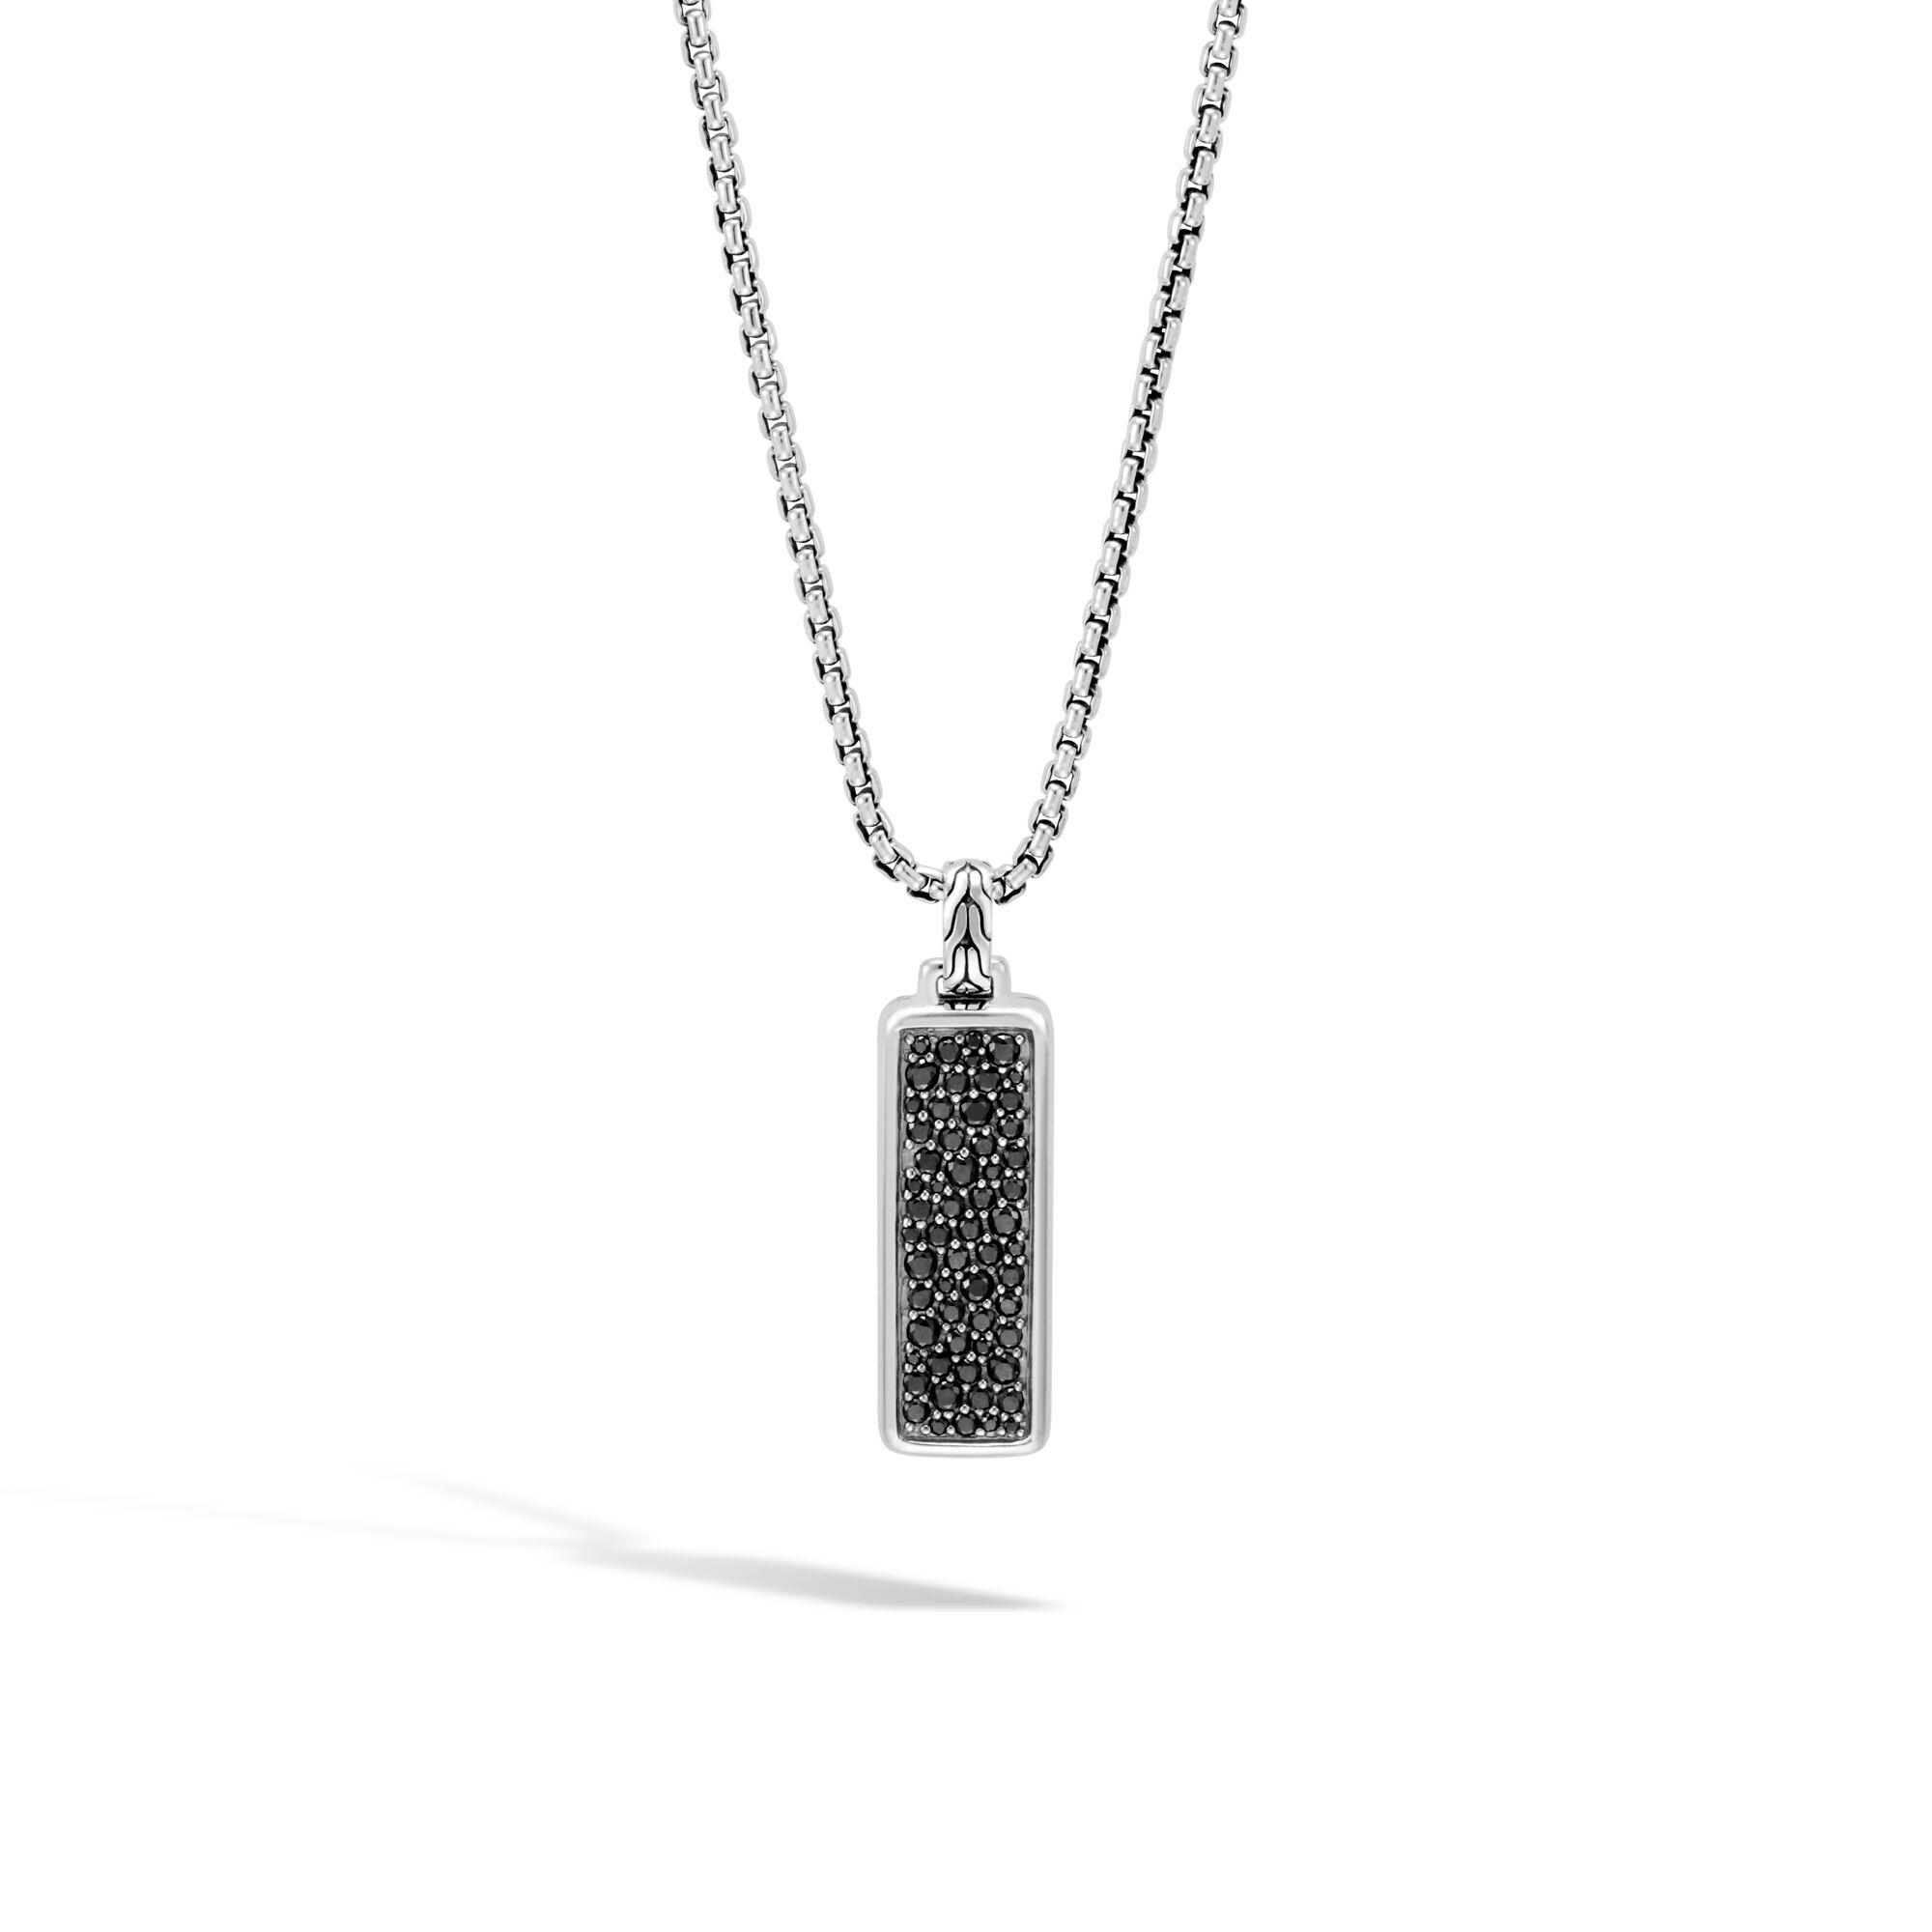 John Hardy Necklace With Diamonds Xbx0DOY